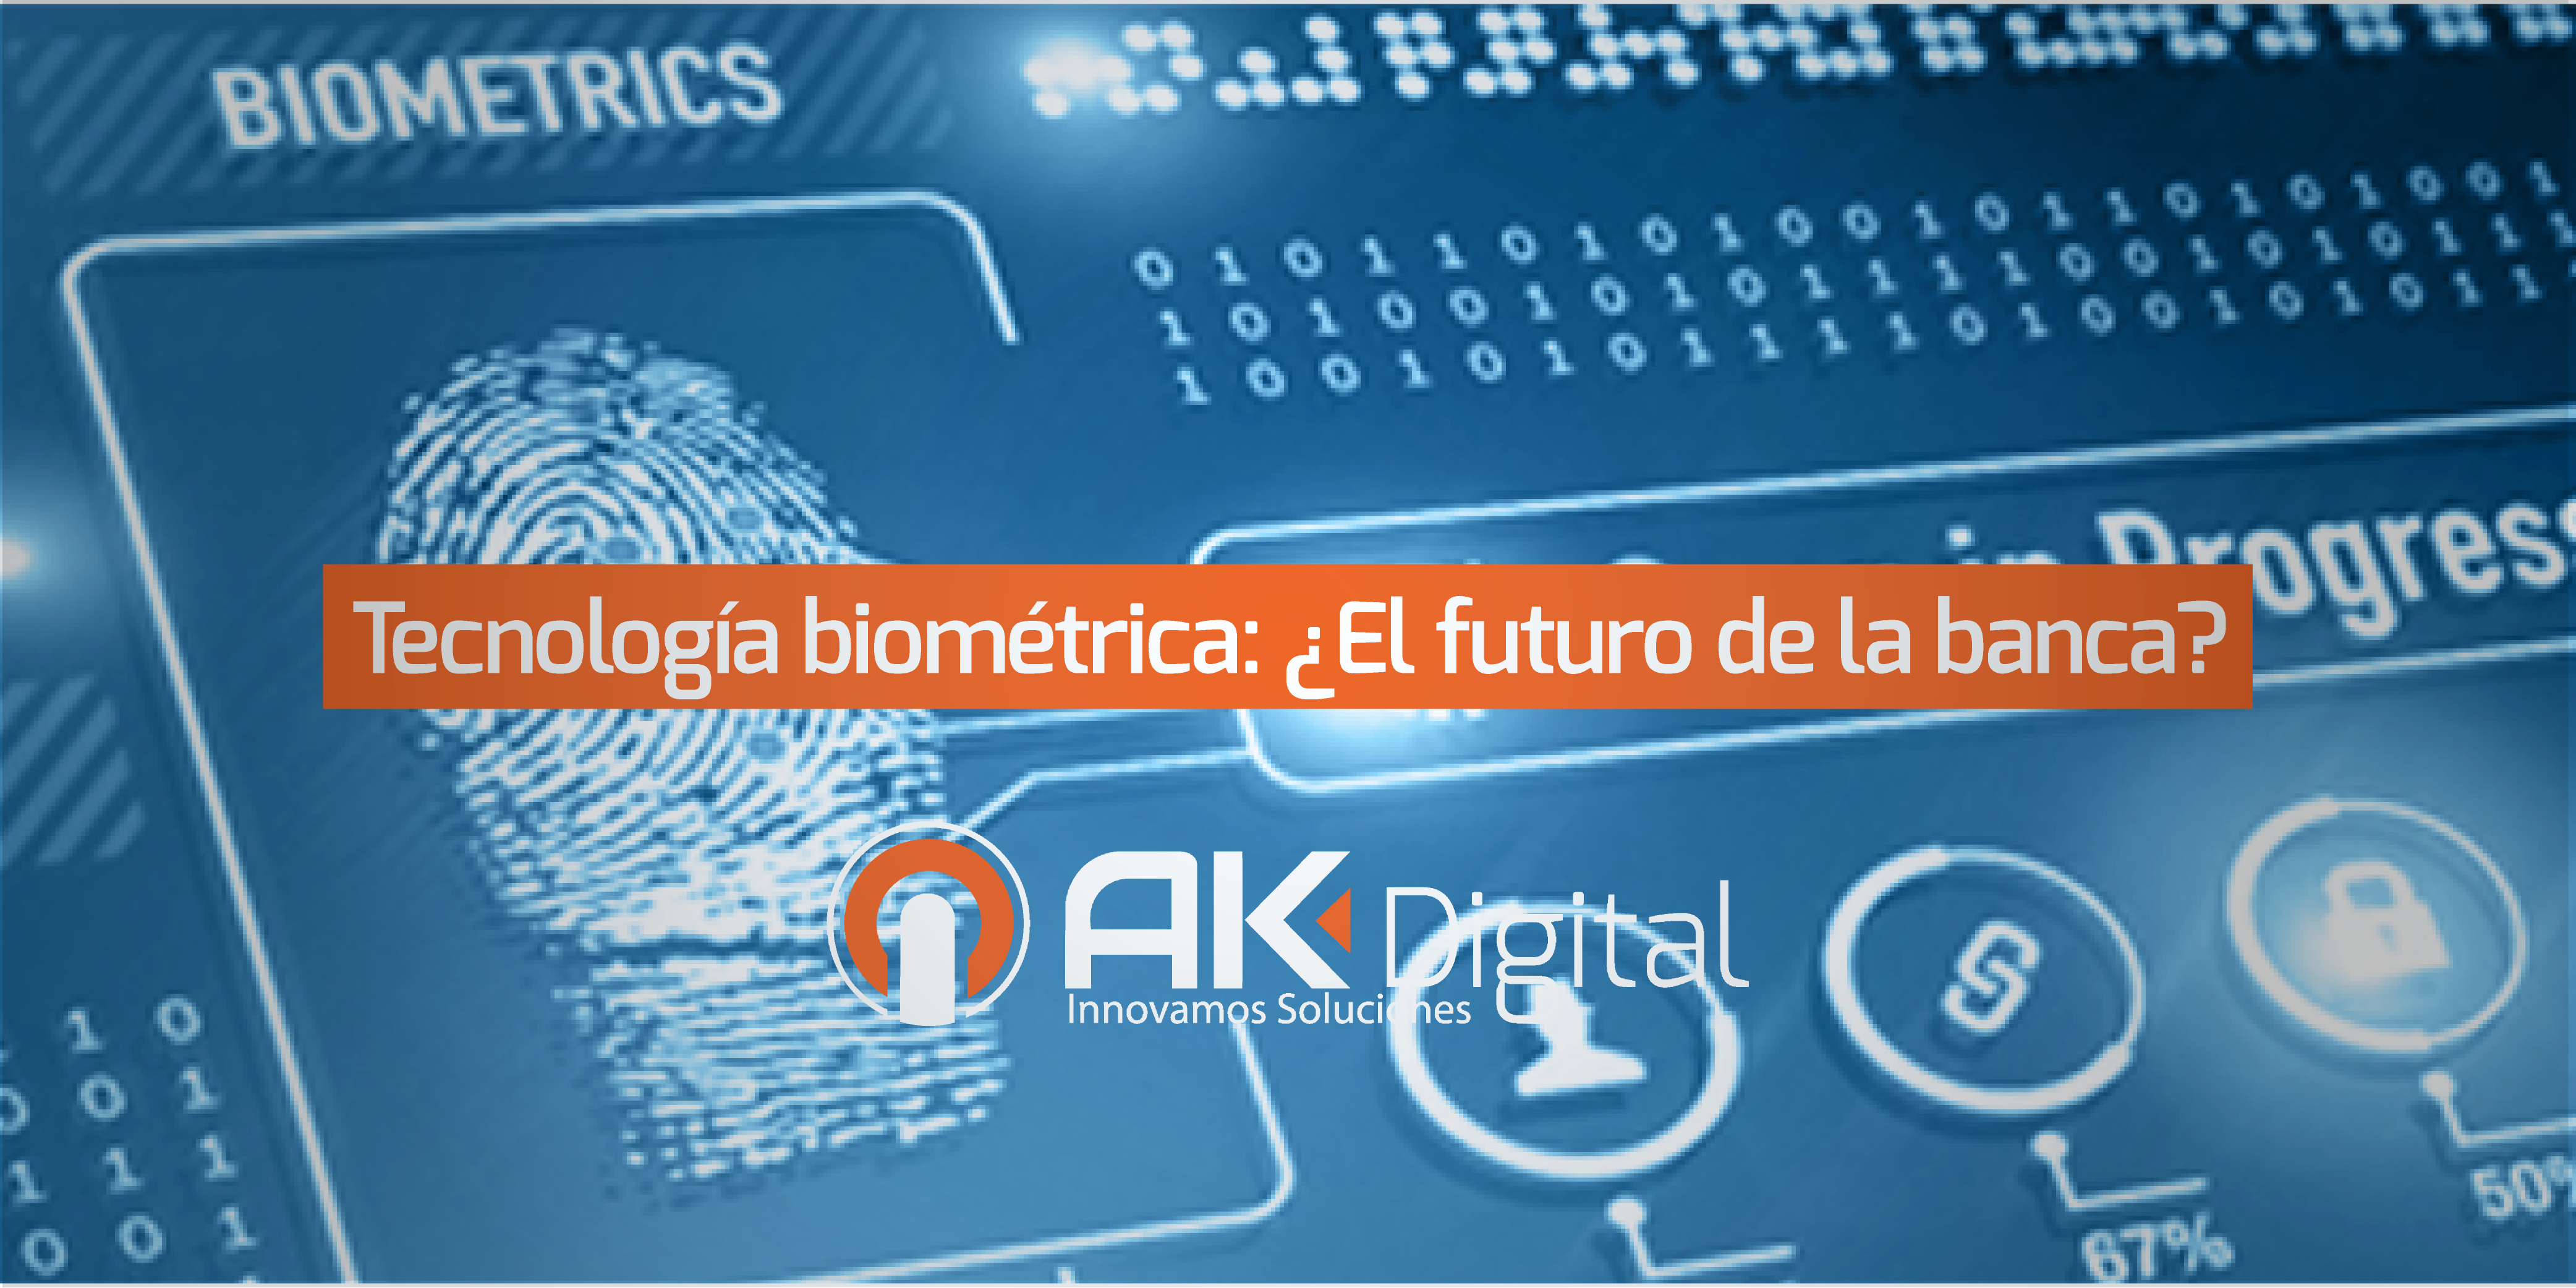 Tecnología biométrica: ¿El futuro de la banca?